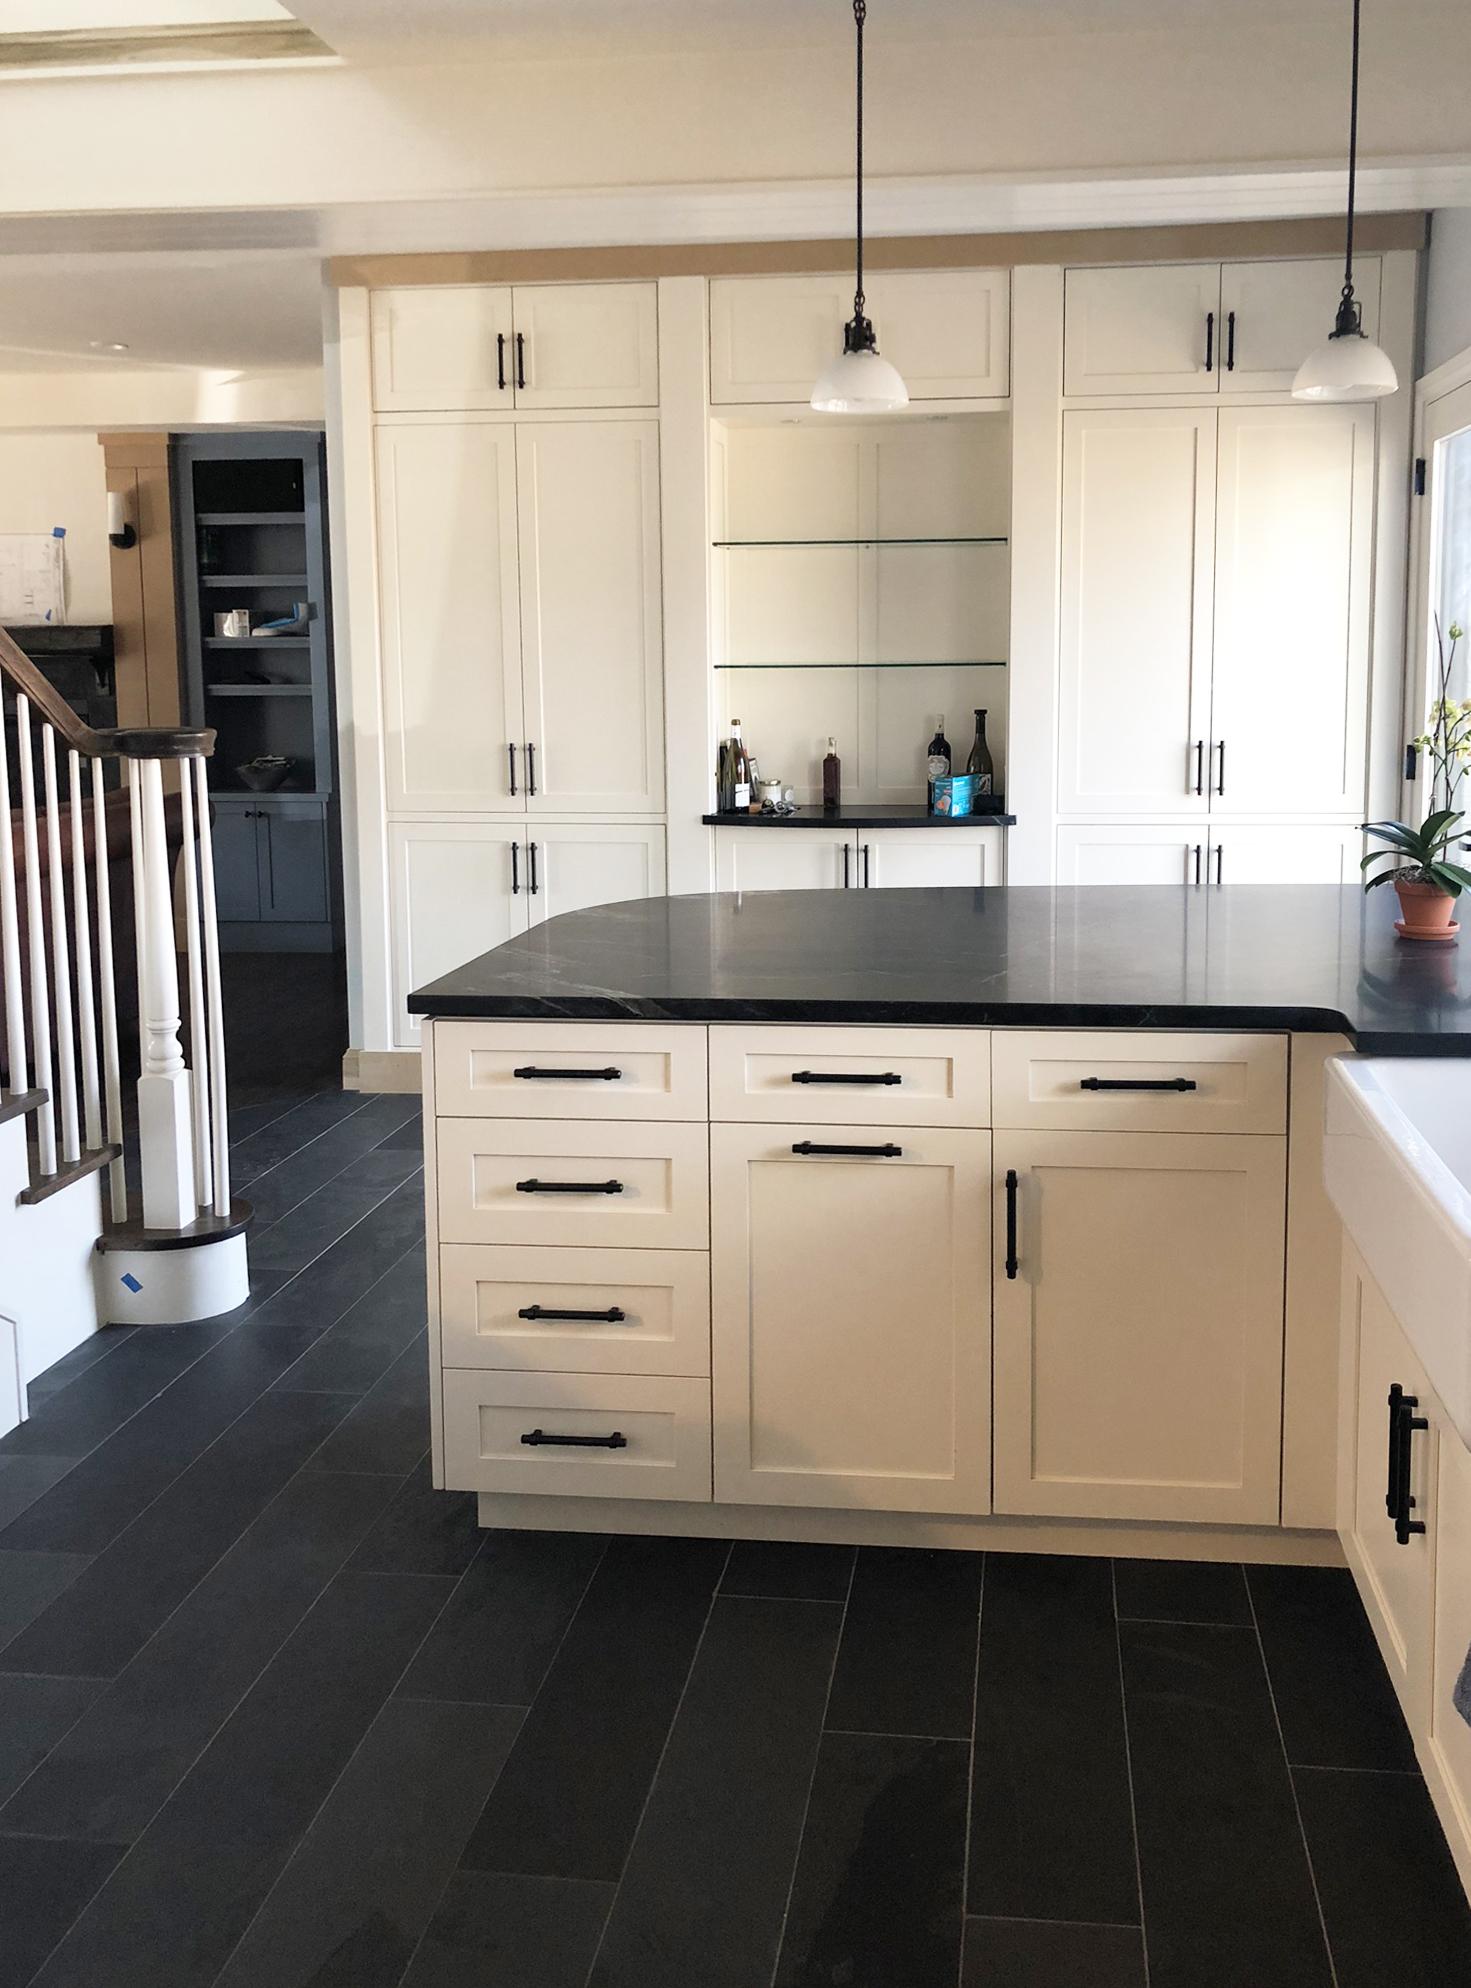 WC kitchen 01.jpg